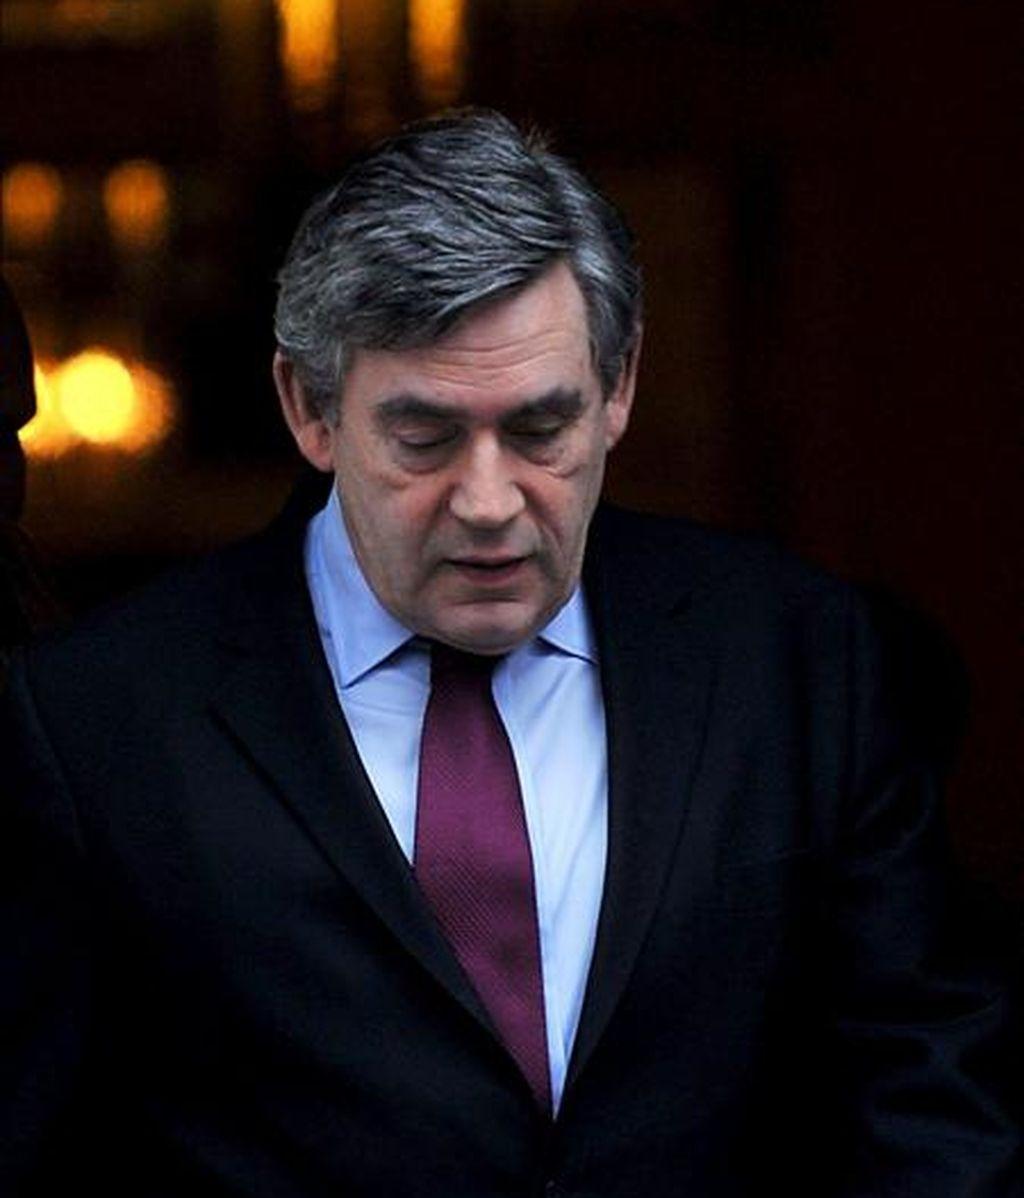 El primer ministro británico, Gordon Brown, abandona su residencia oficial en Downing Street para asistir a una ronda de preguntas en el Parlamento de Londres (Reino Unido), el 4 de febrero de 2009. EFE